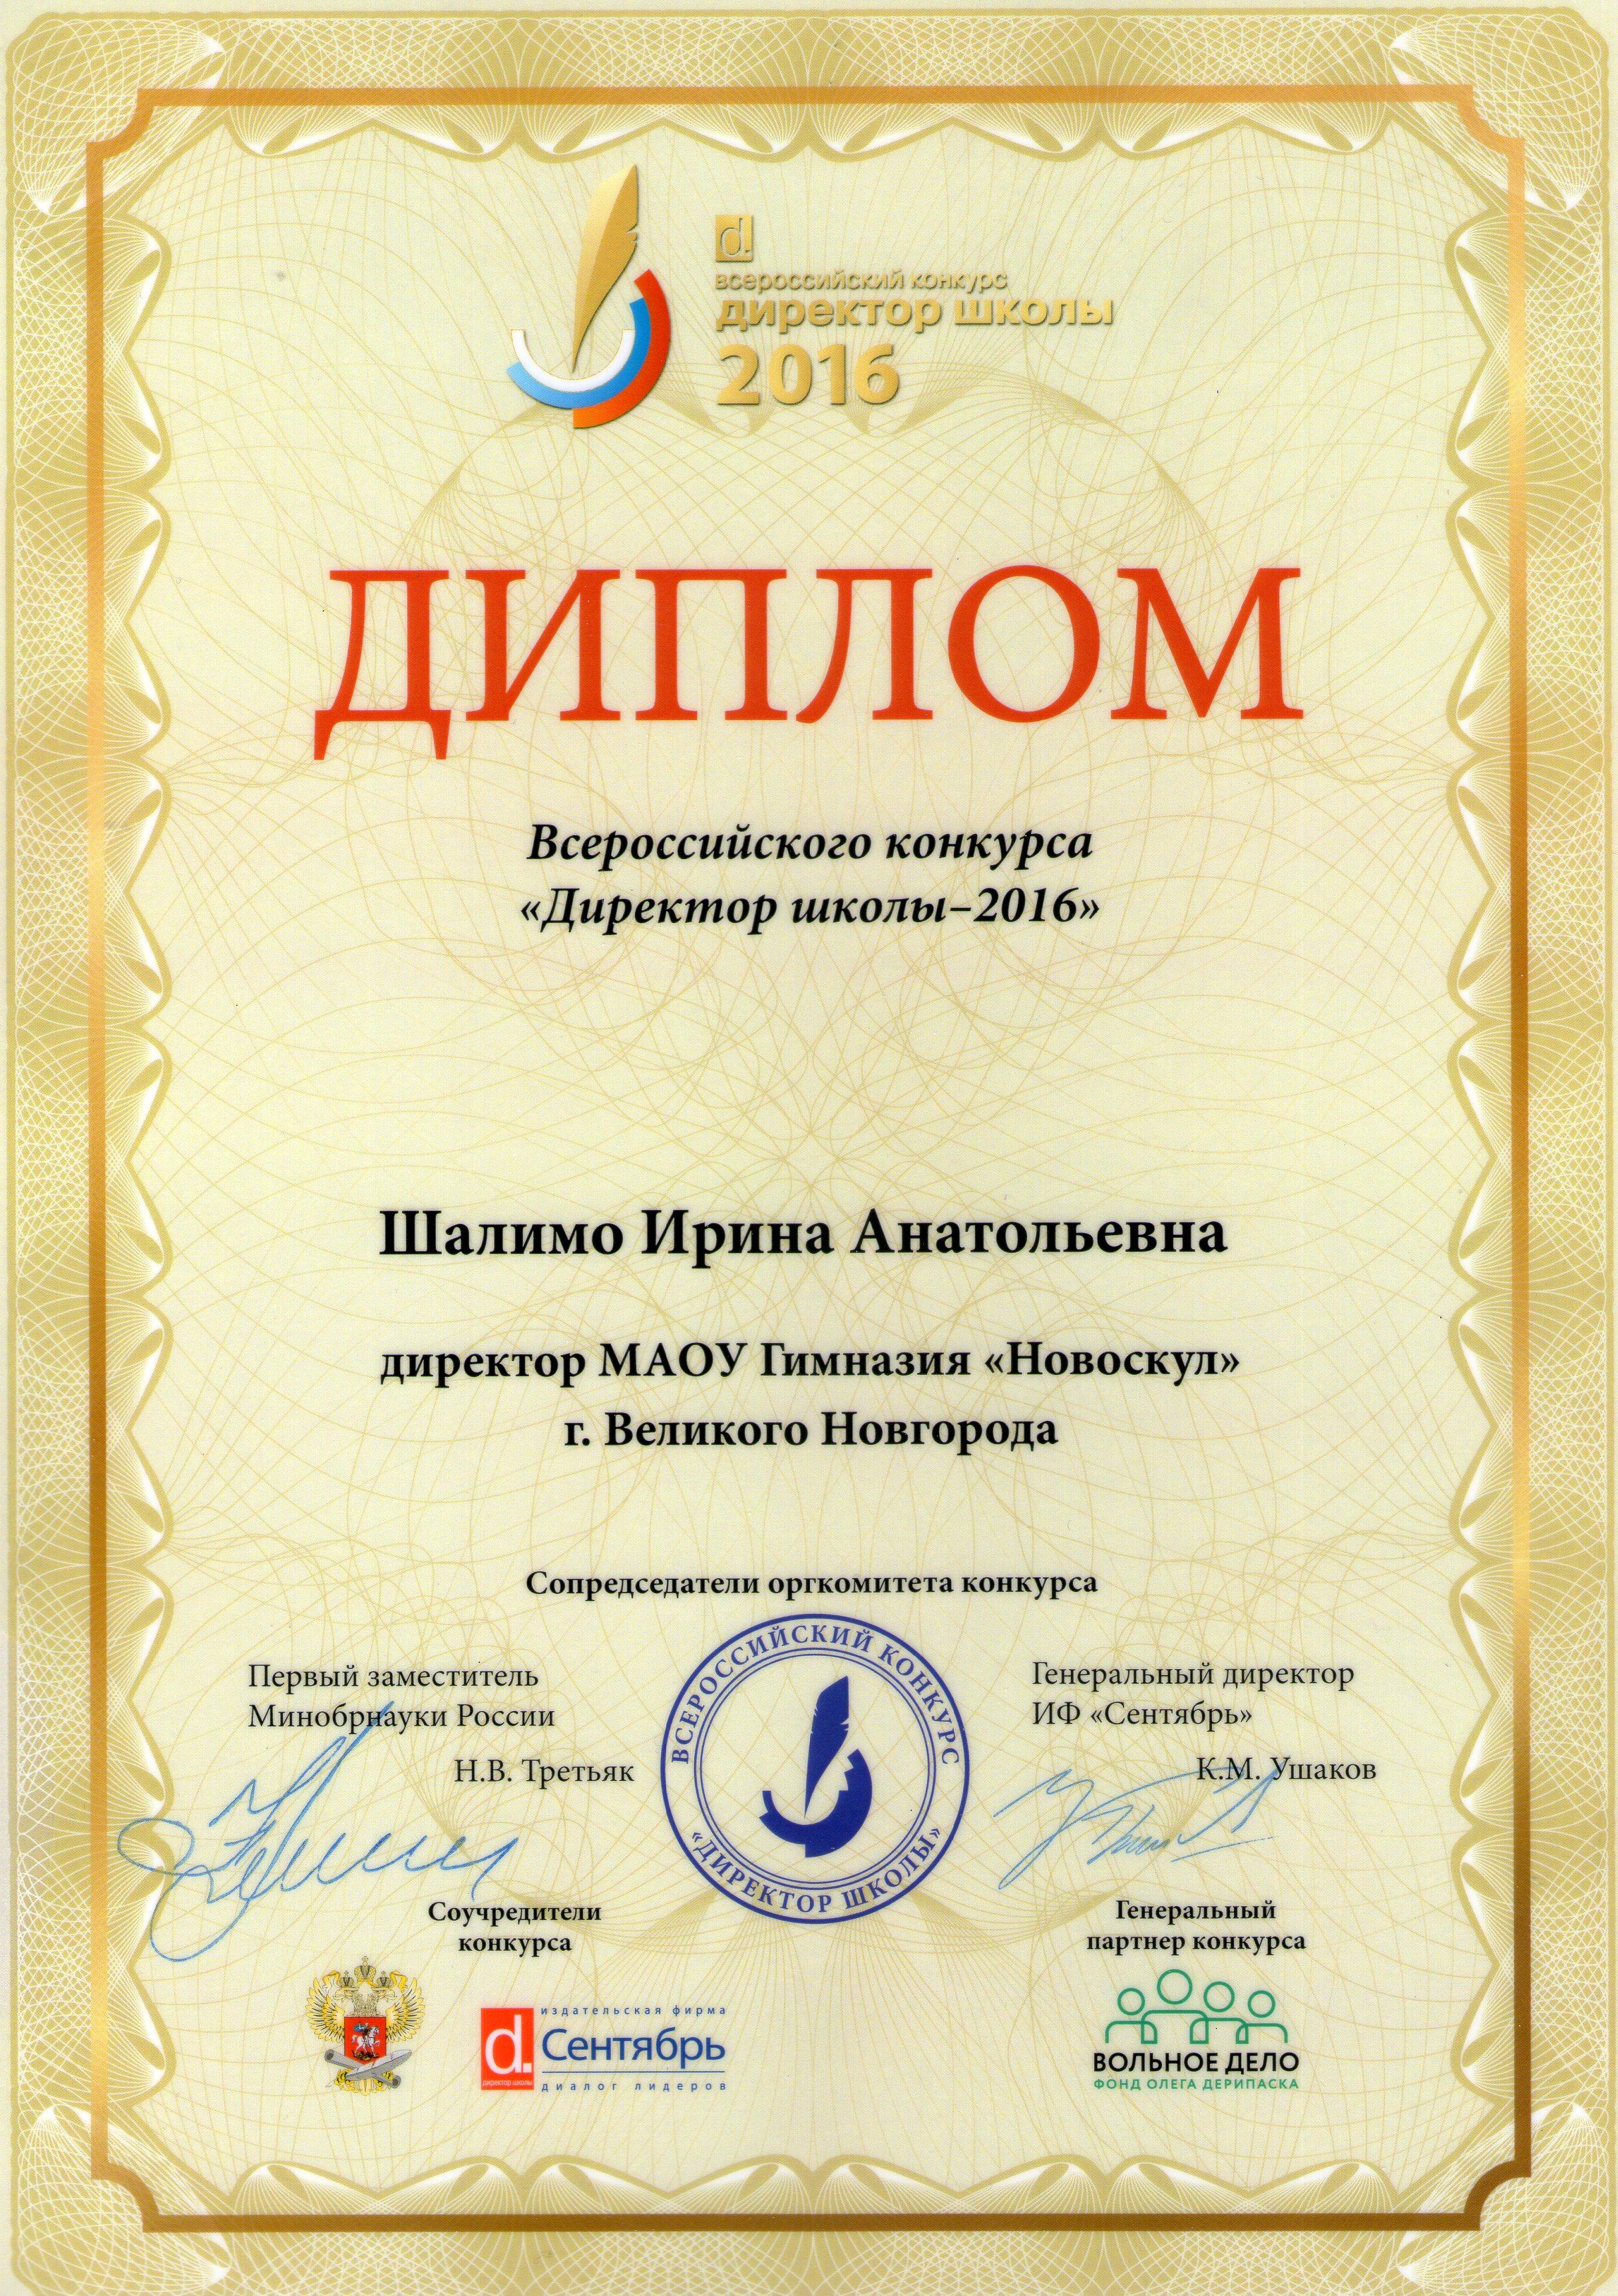 Сайт всероссийского конкурса школа года